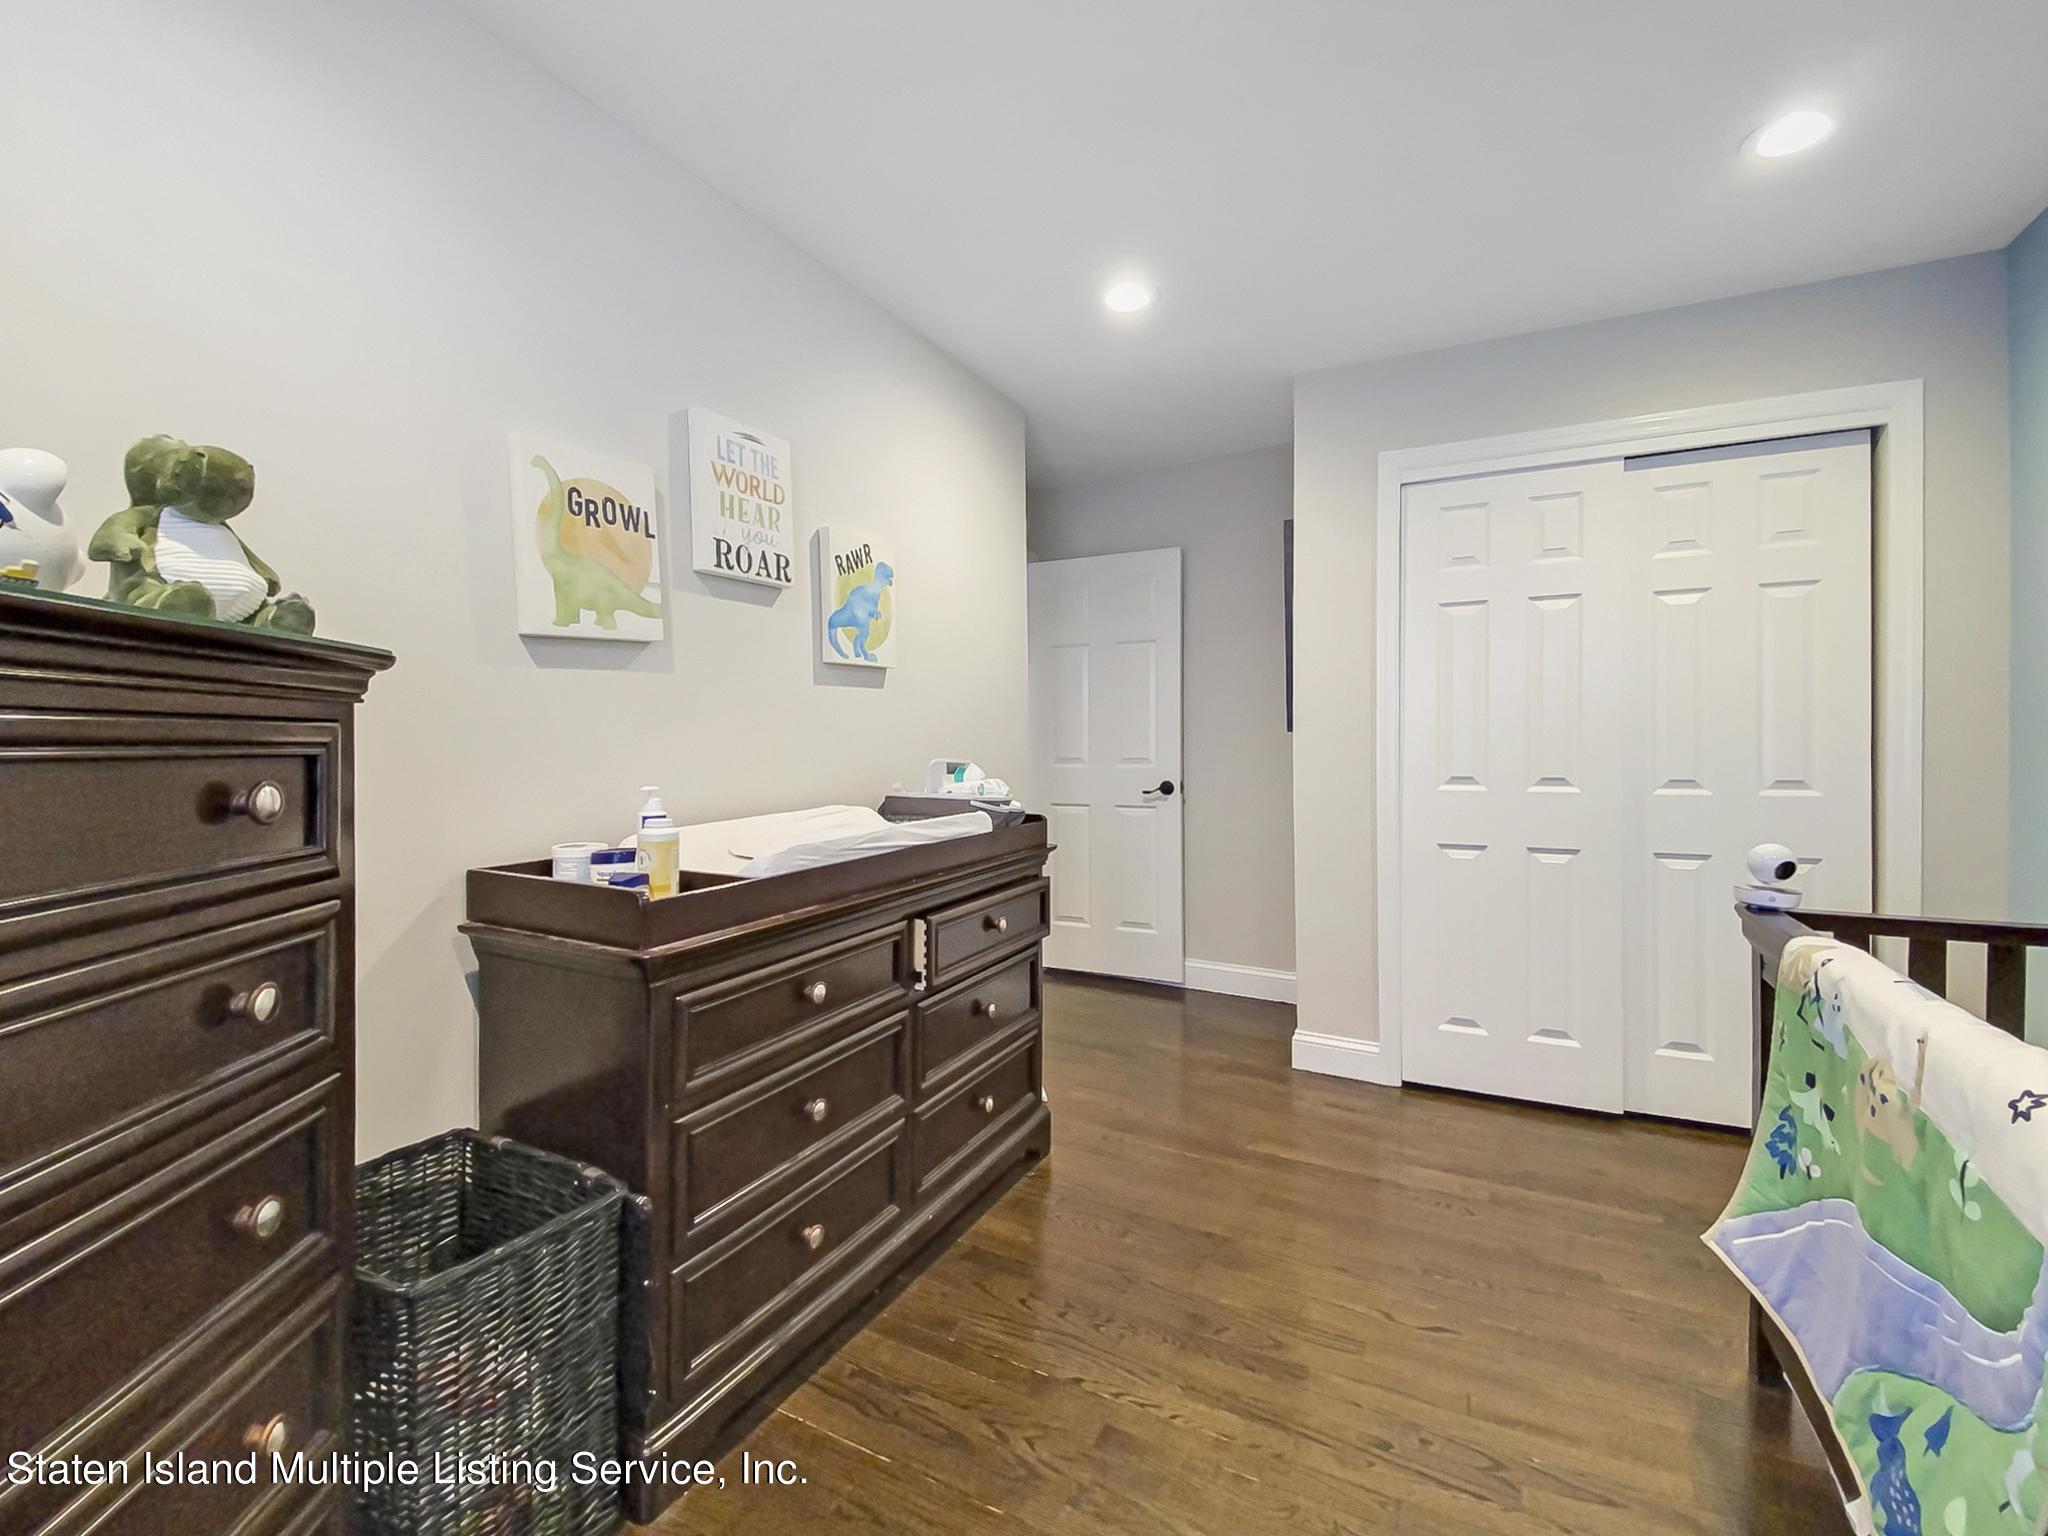 Single Family - Detached 543 Wainwright Avenue  Staten Island, NY 10312, MLS-1143141-10